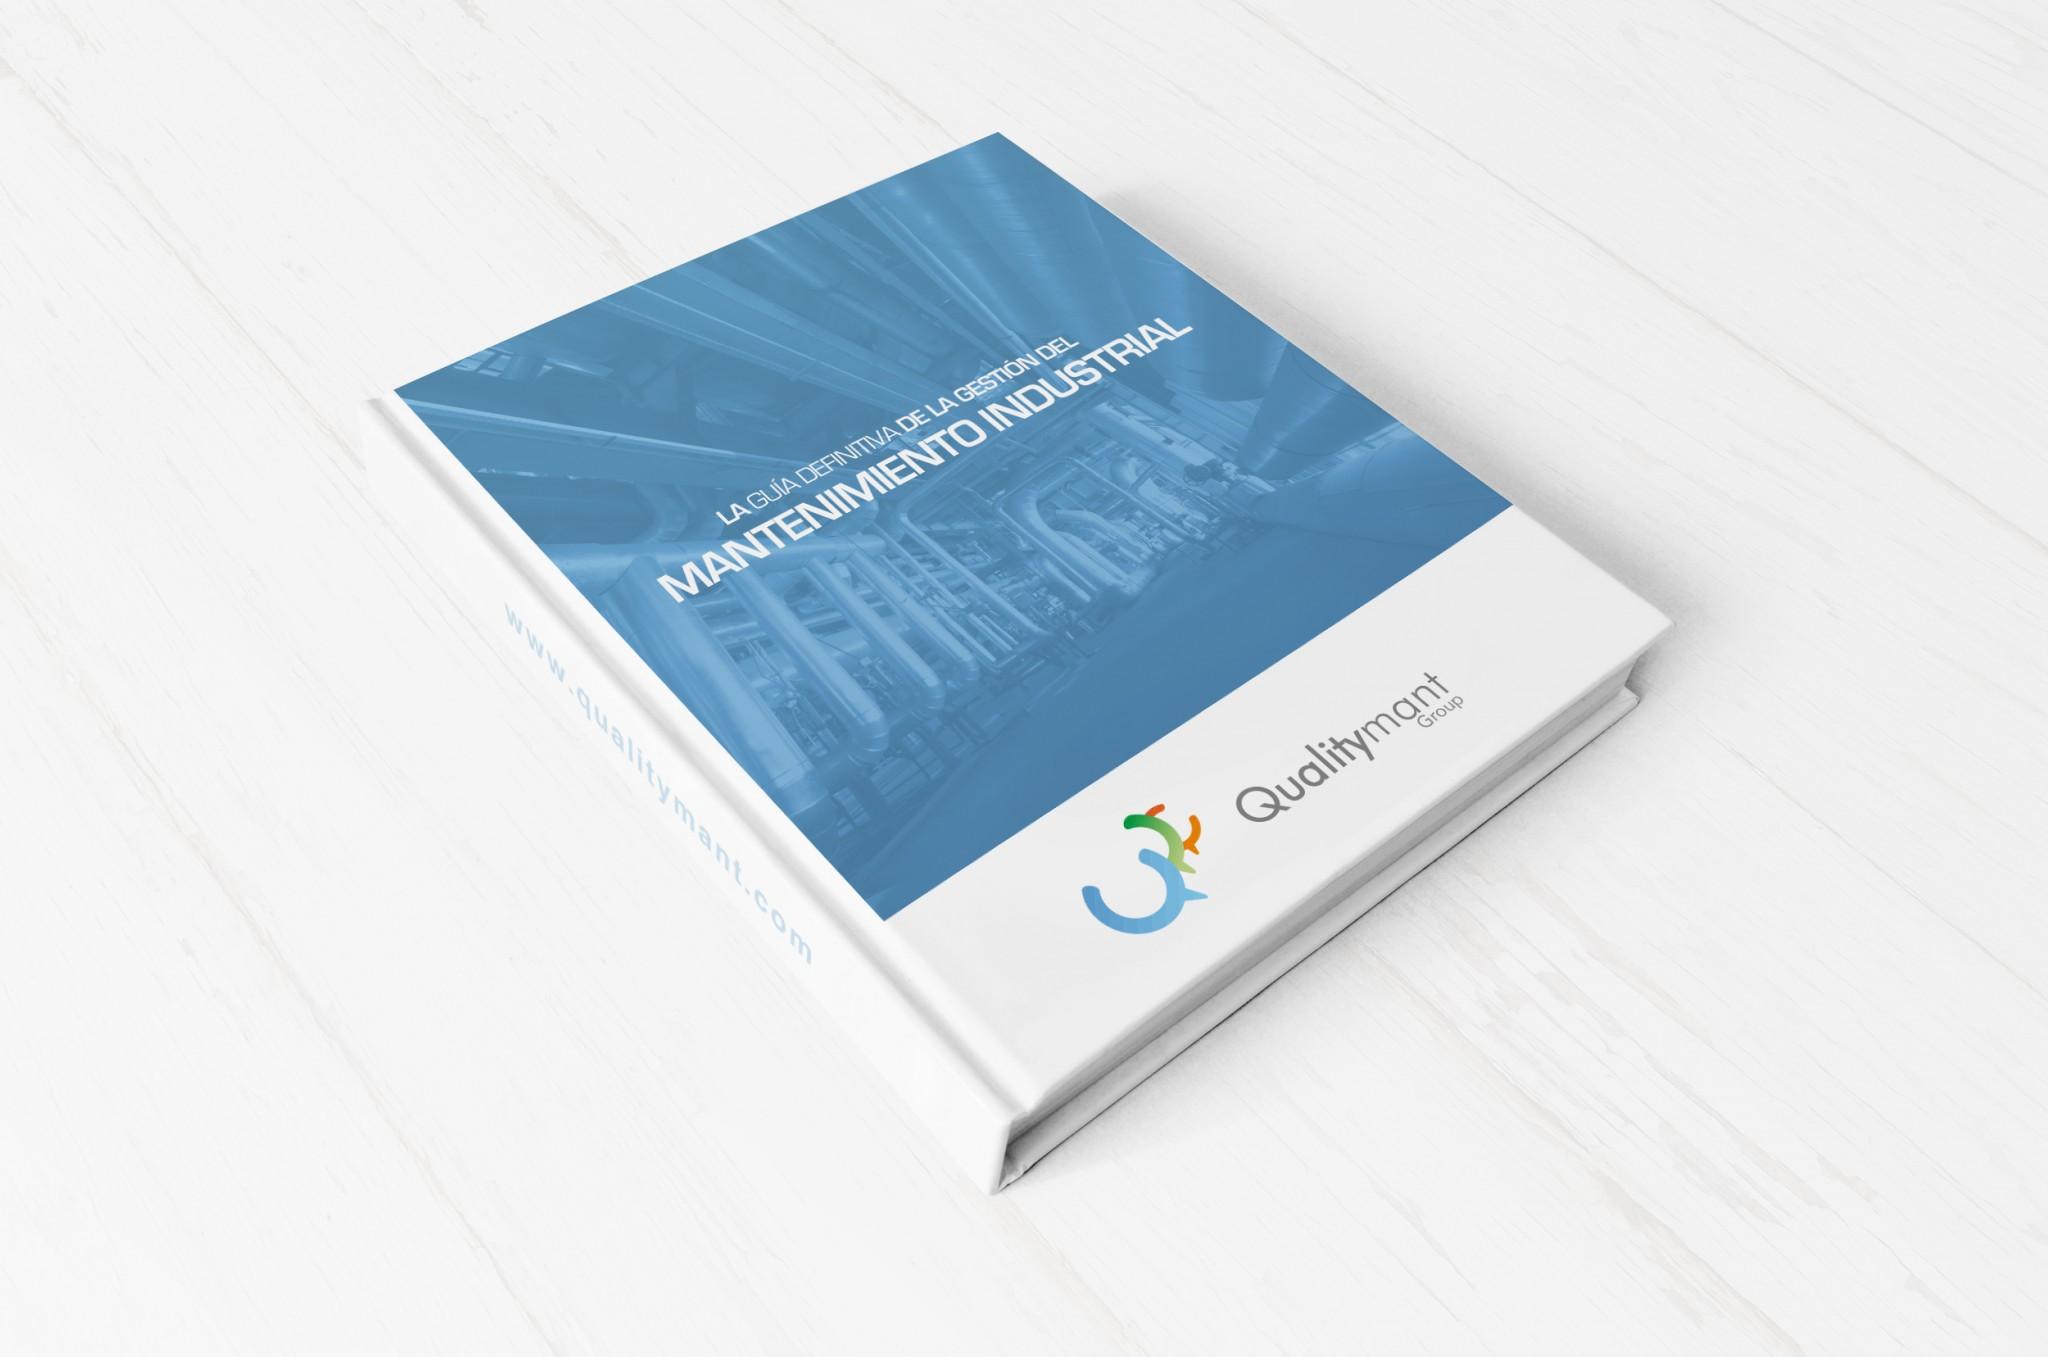 la guía definitiva de la Gestión del Mantenimiento Industrial